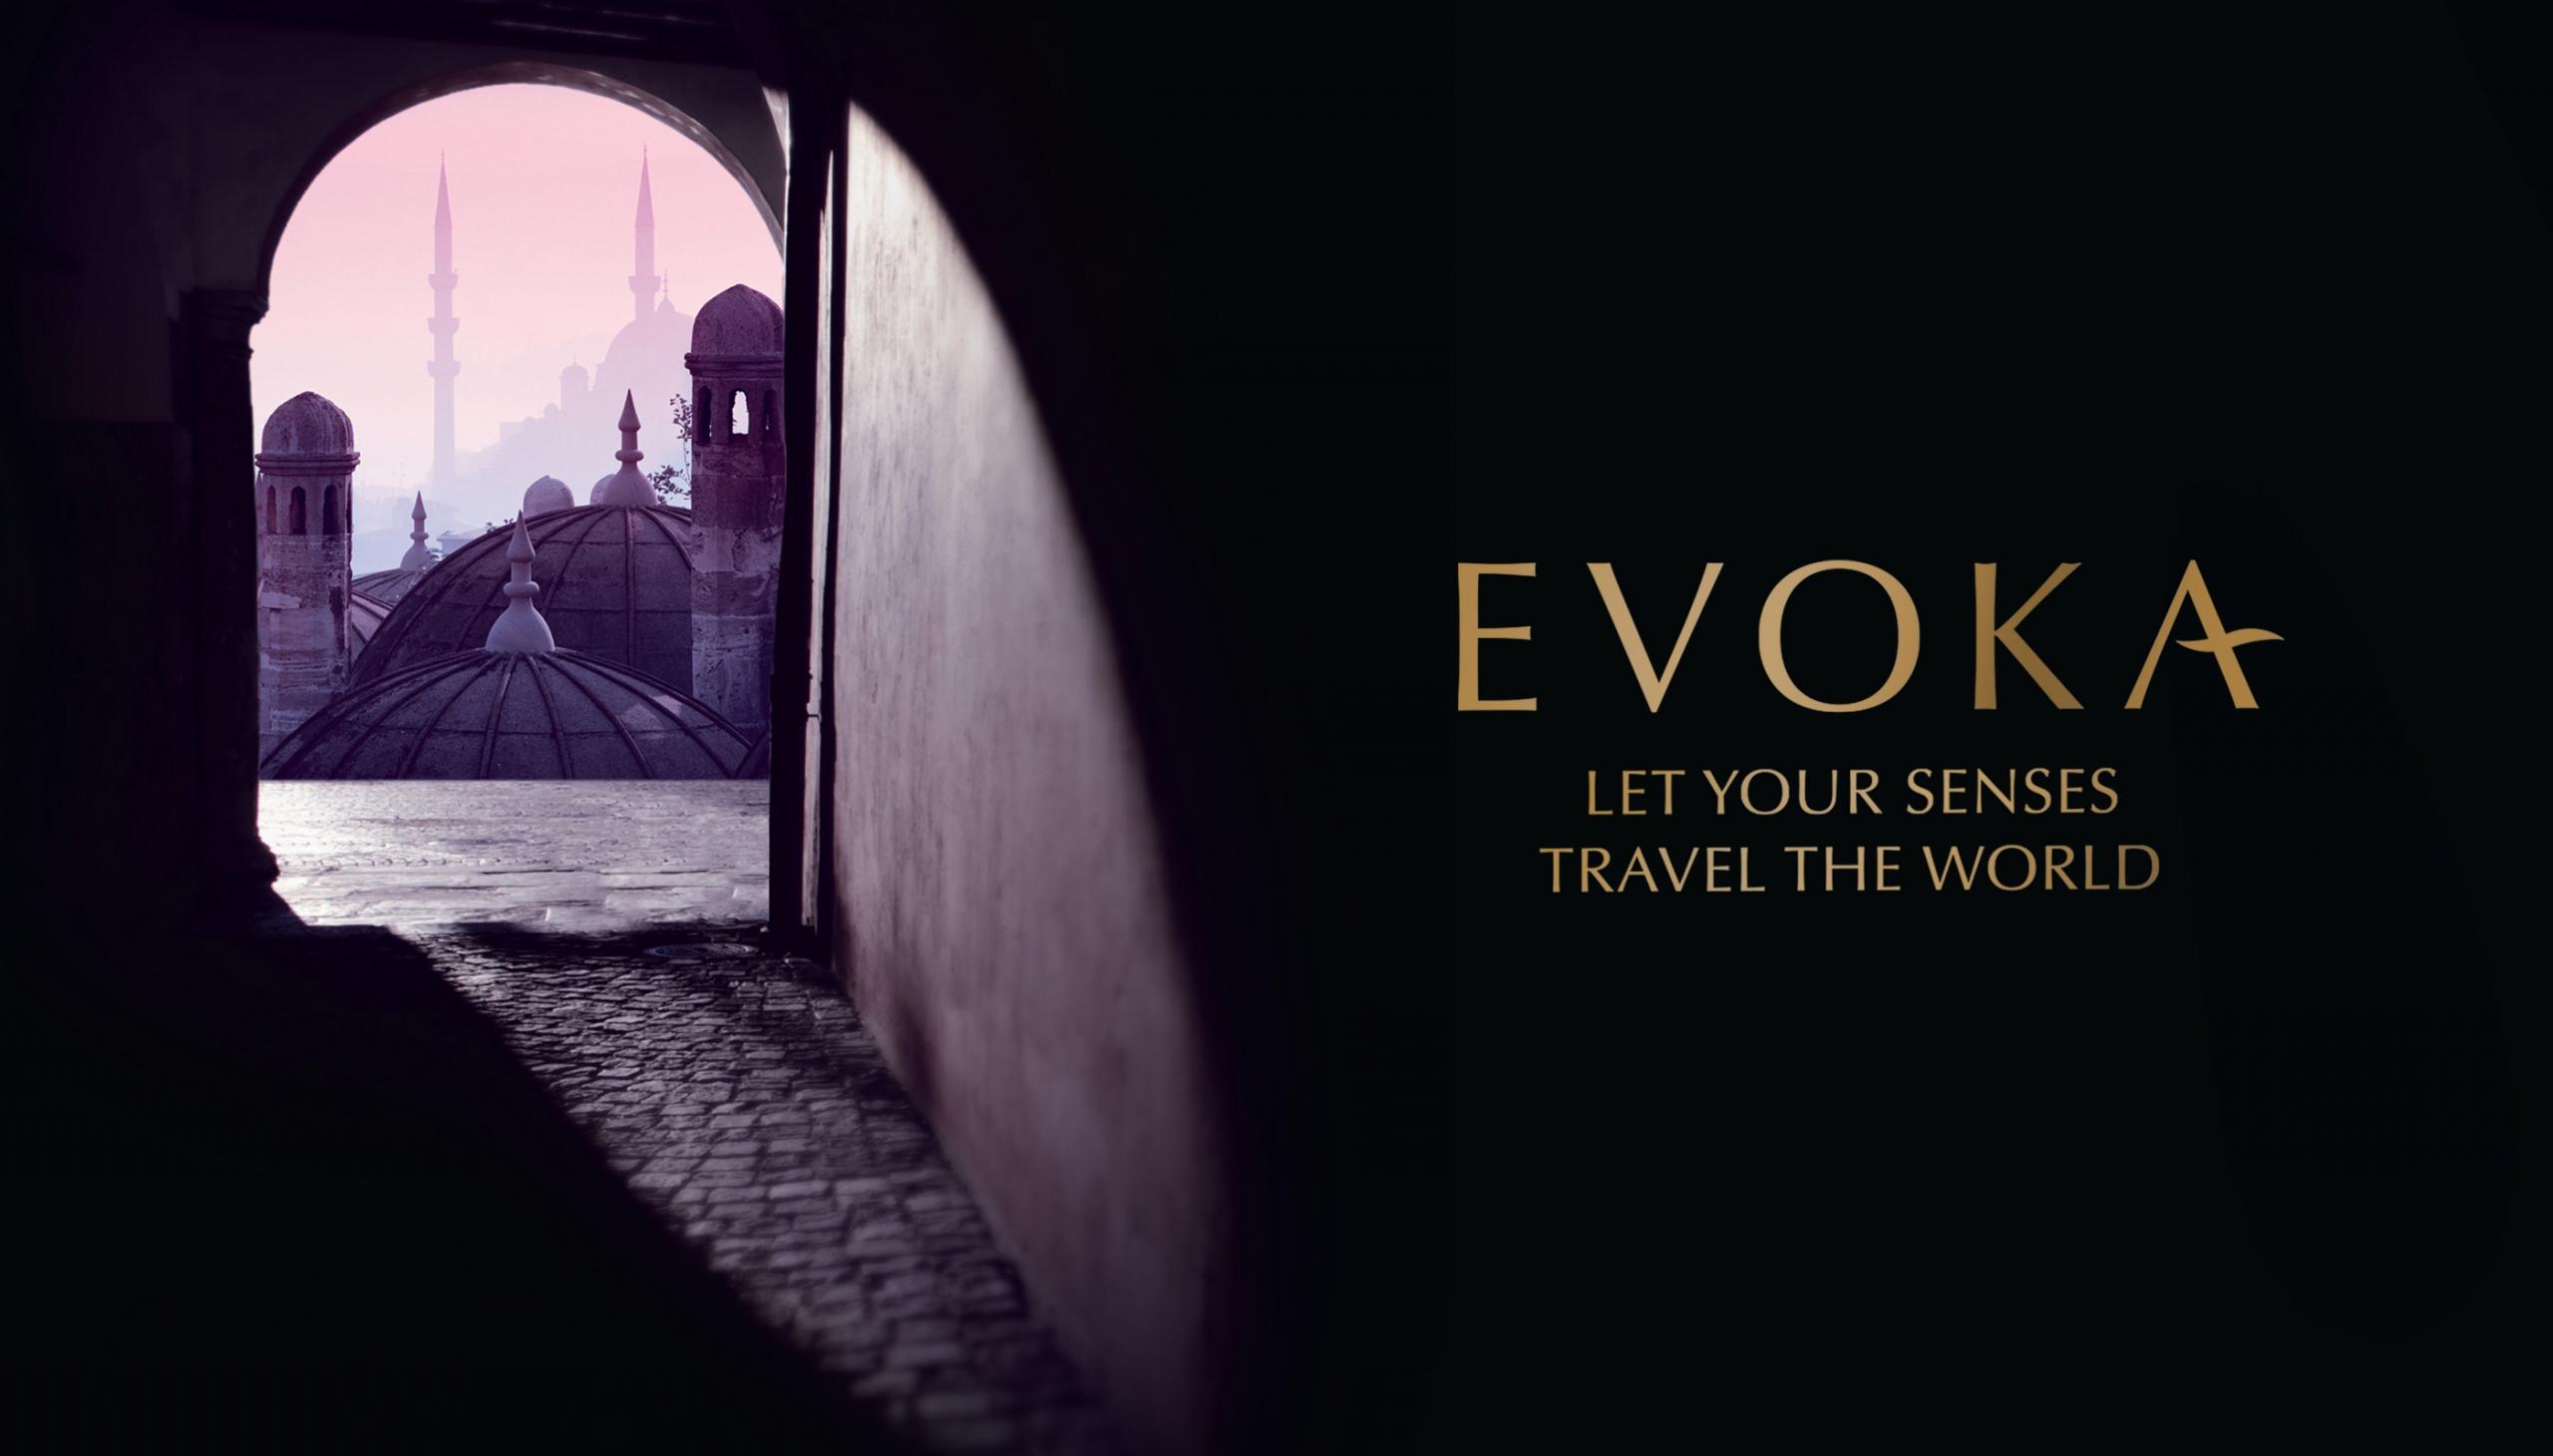 Evoka branded visual by Biles Hendry